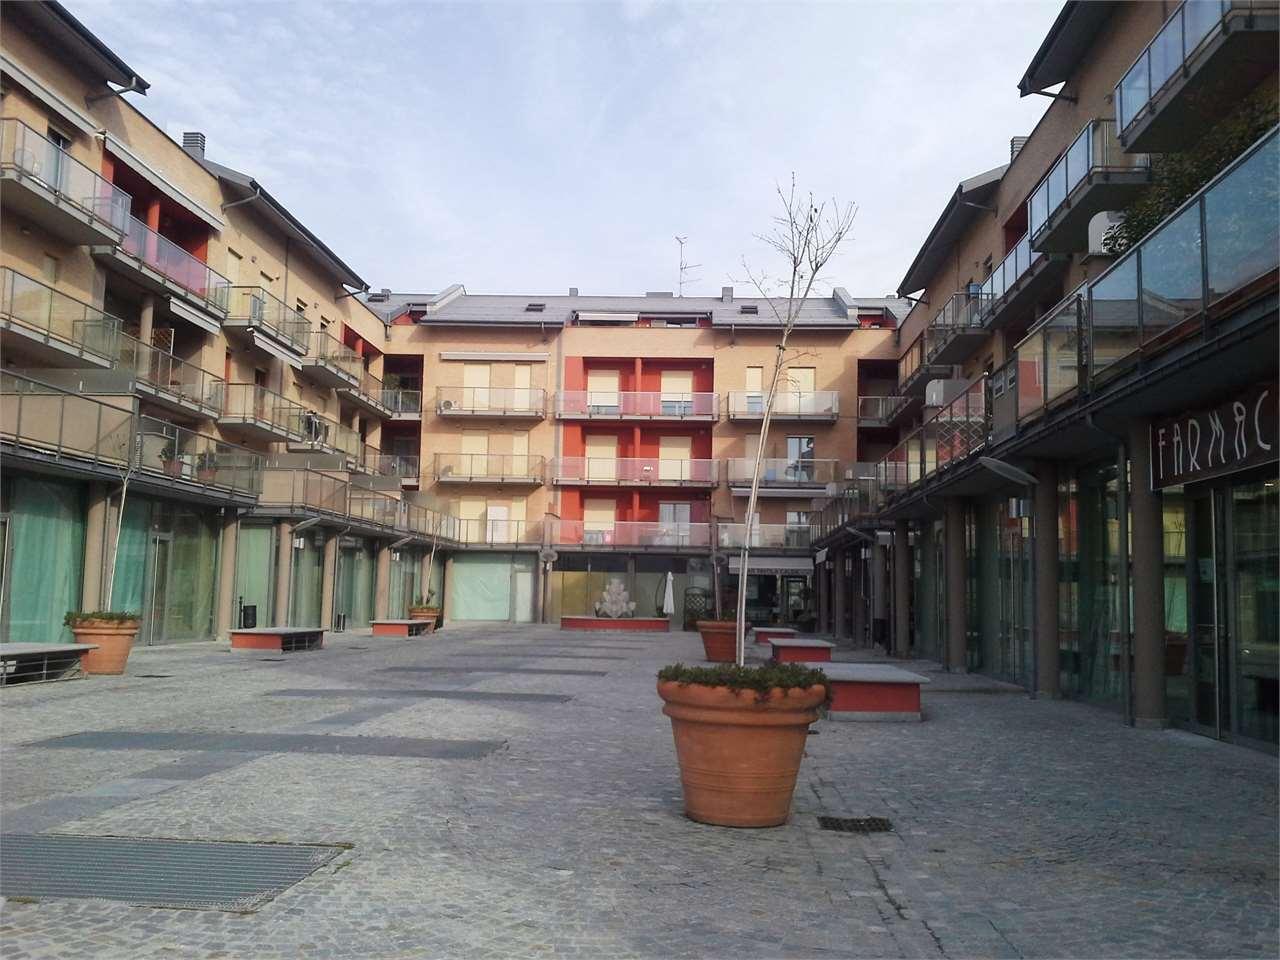 Appartamento in vendita a Alba, 3 locali, zona Località: mussotto corso canale, prezzo € 195.000 | CambioCasa.it